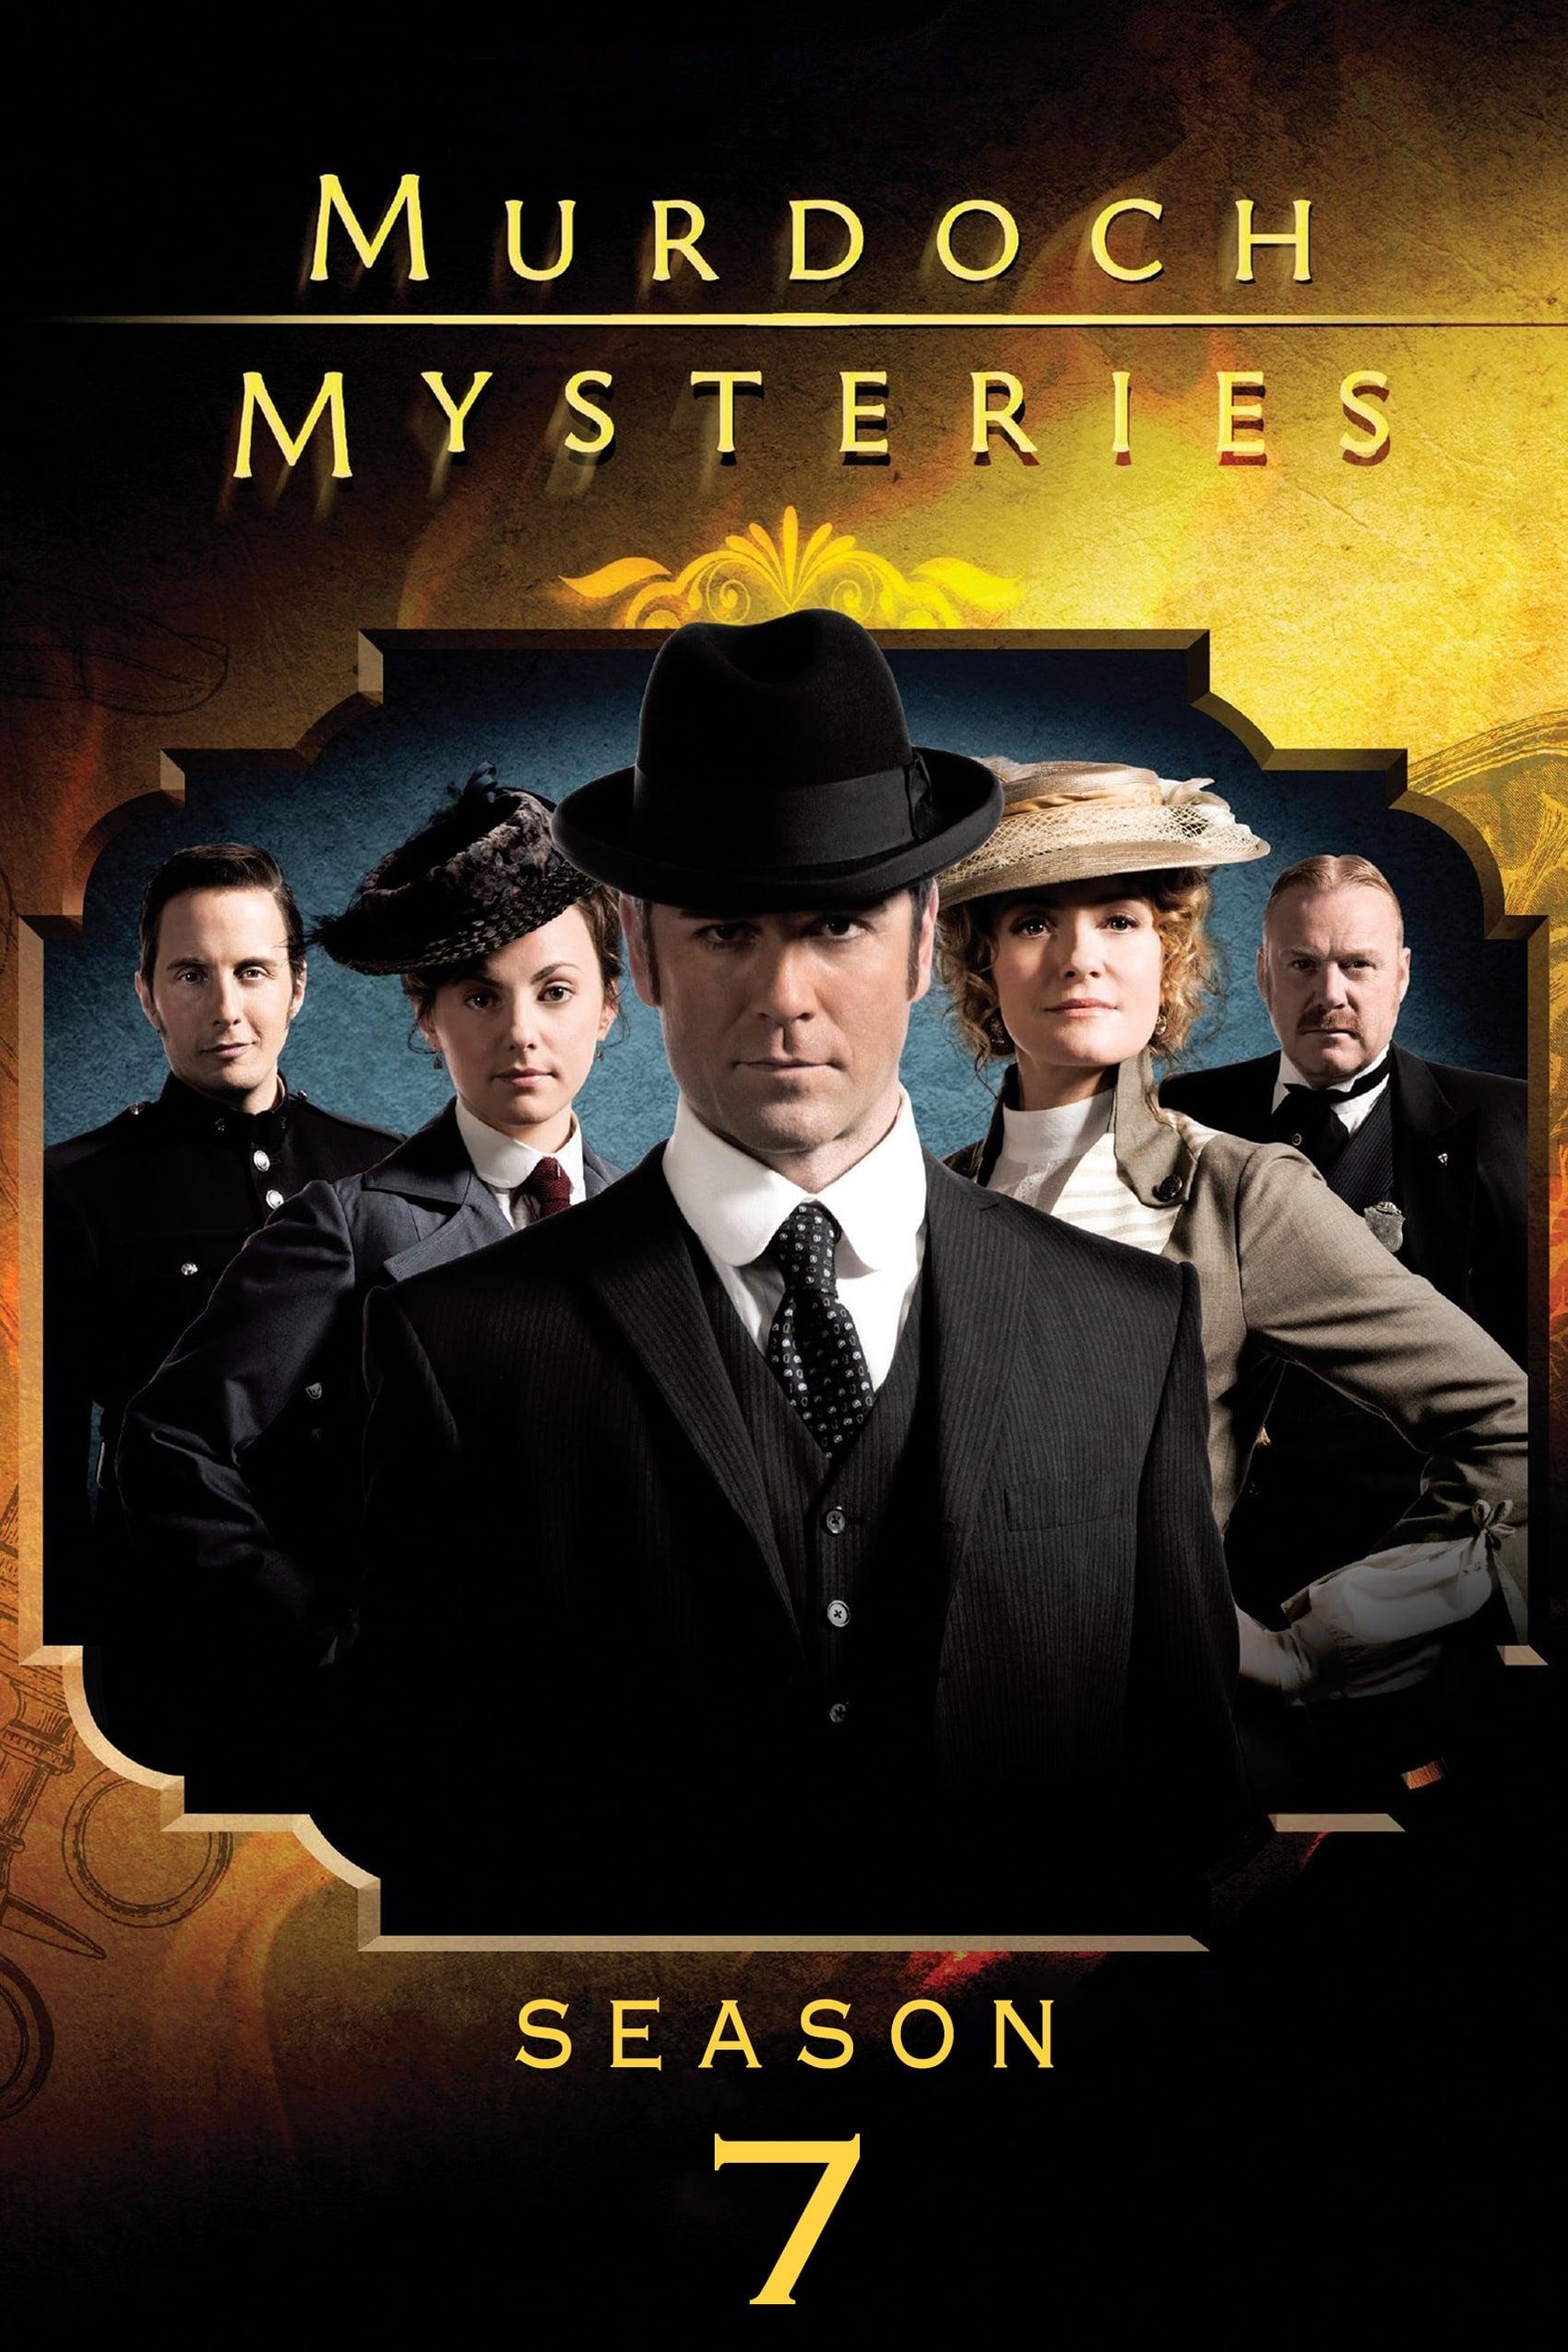 Murdoch Mysteries Season 7